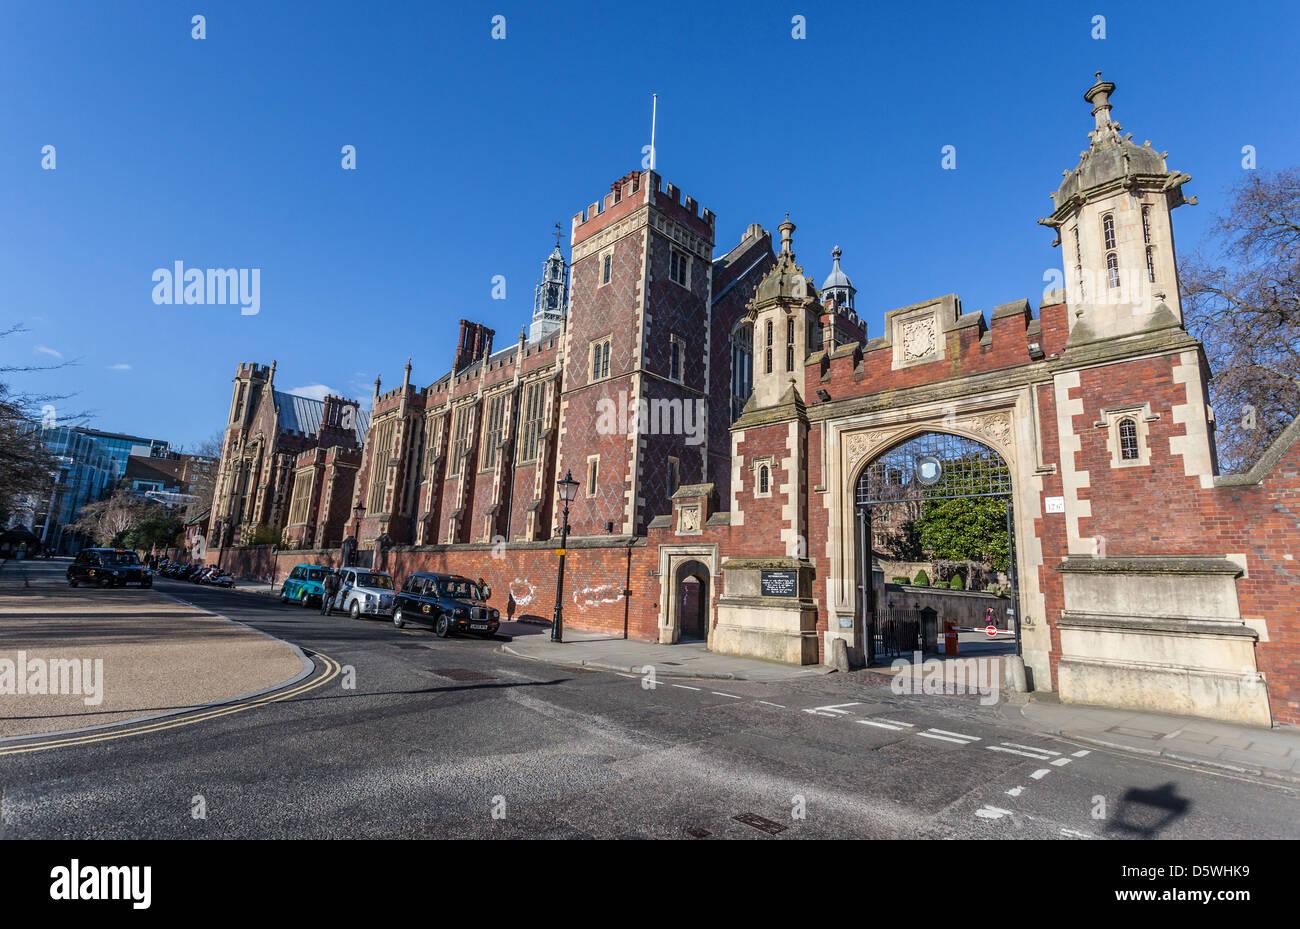 La caseta de vigilancia a la Honorable Sociedad de Lincoln's Inn, Lincolns Inn, Newman's Row, Holborn, Londres, Imagen De Stock